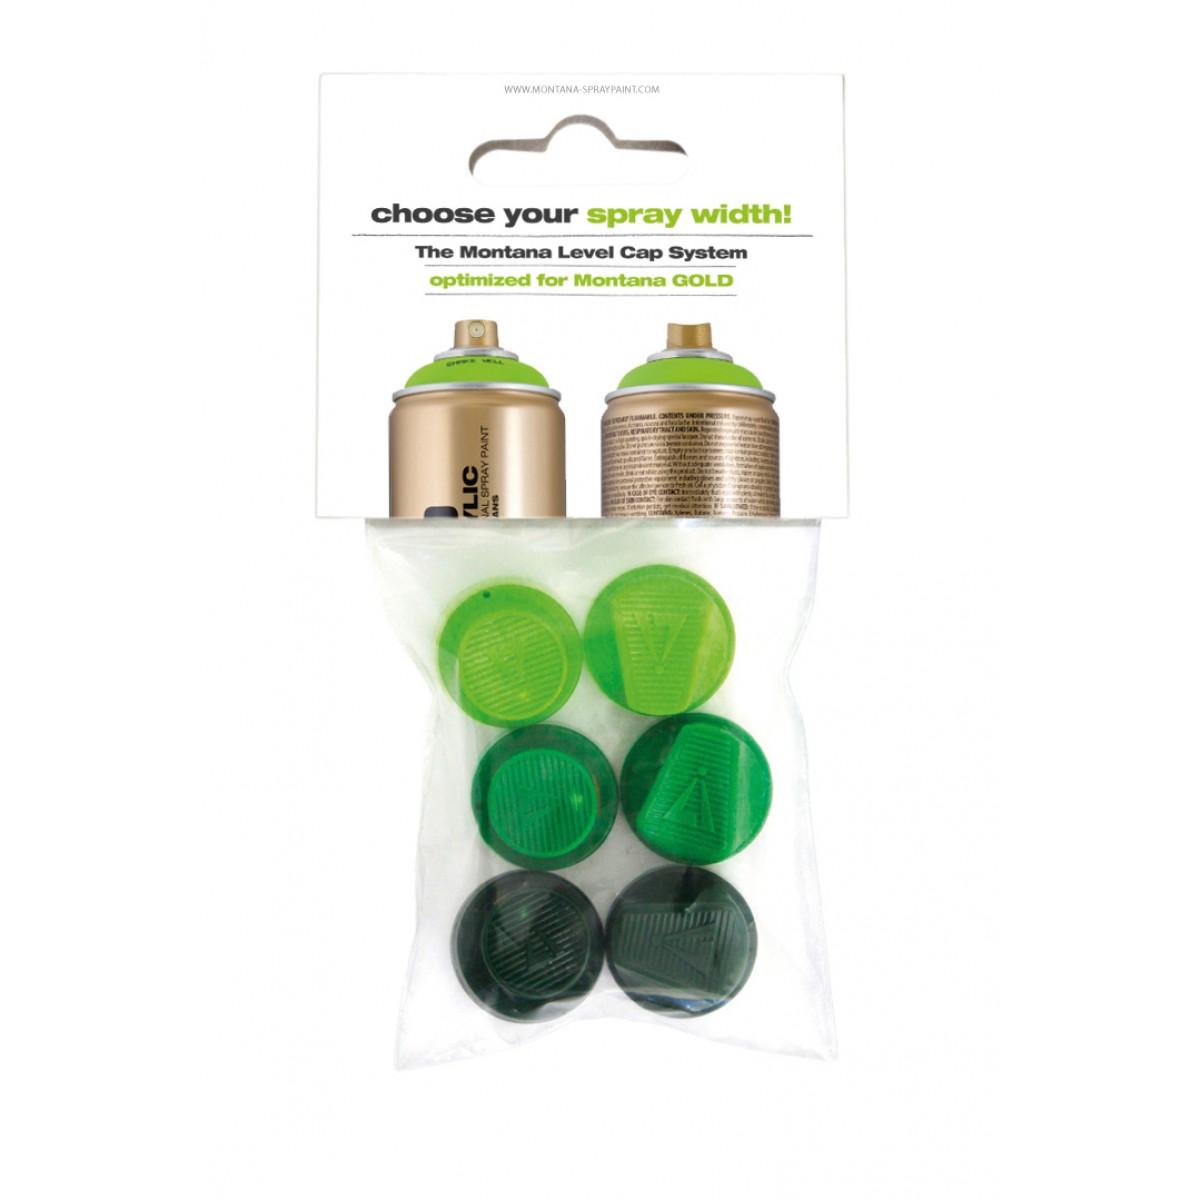 Montana Spray Caps - Levels 1-6